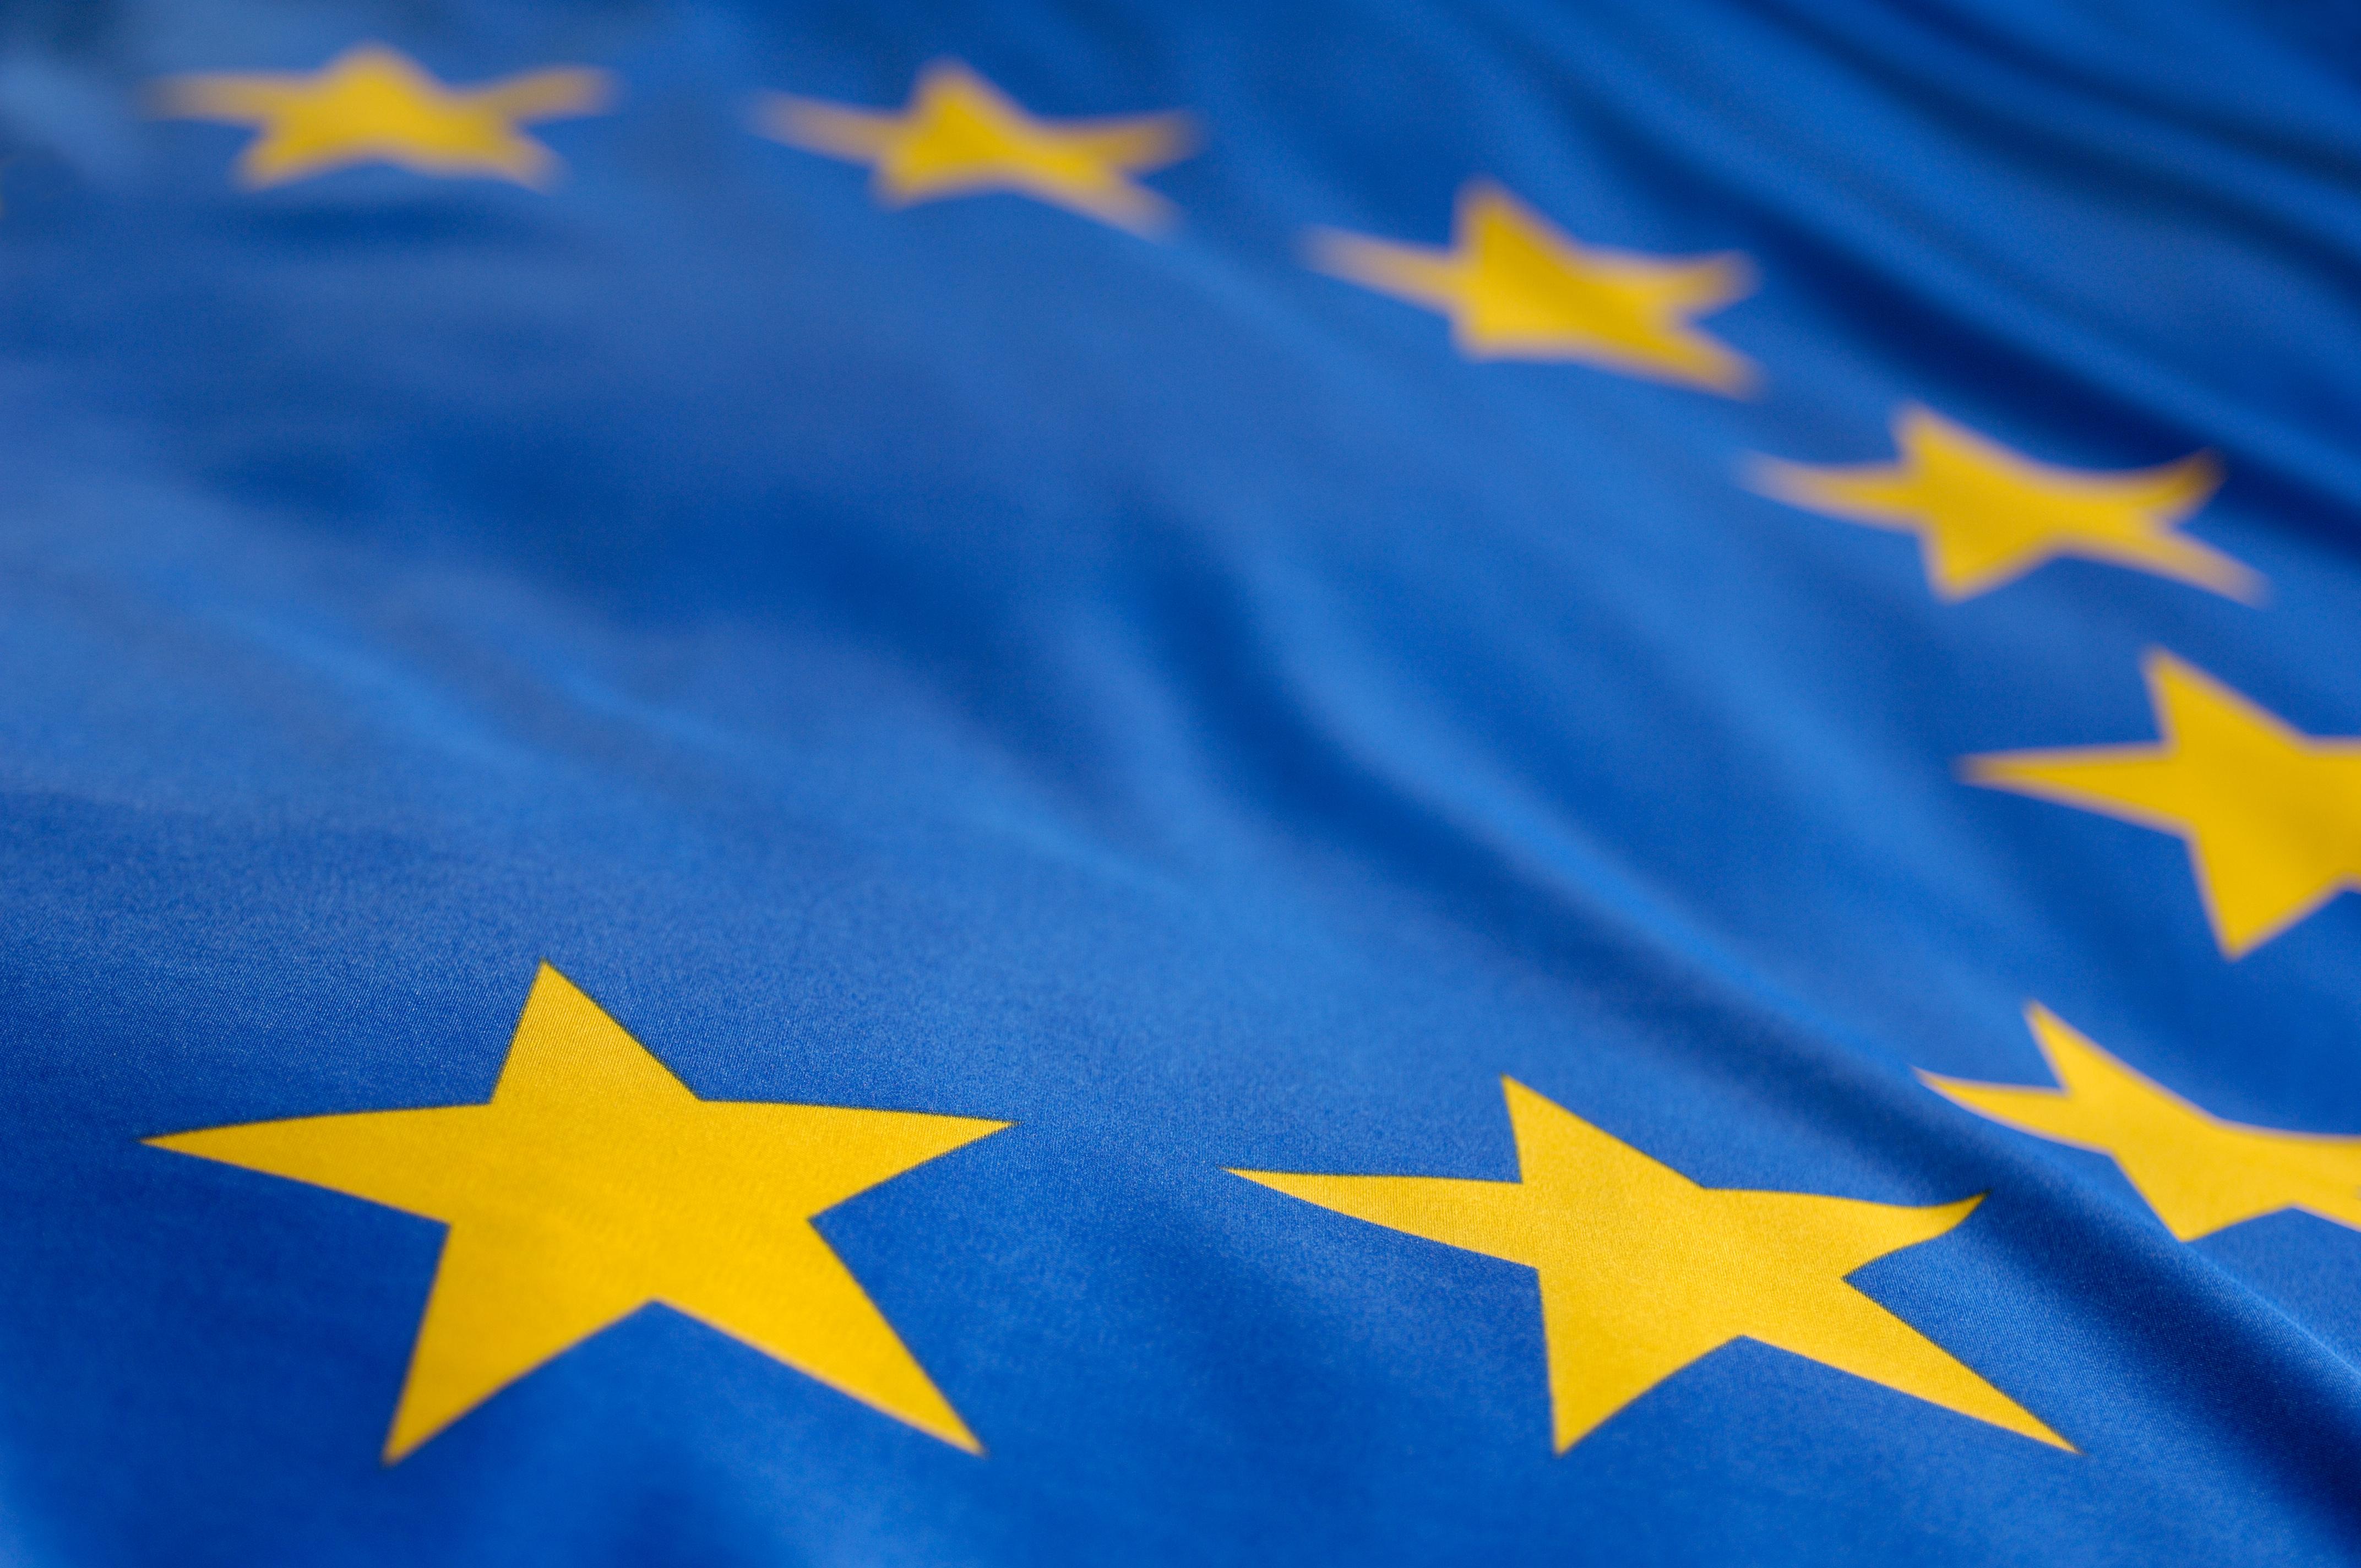 SPD und CDU stärken die europäische Zusammenarbeit